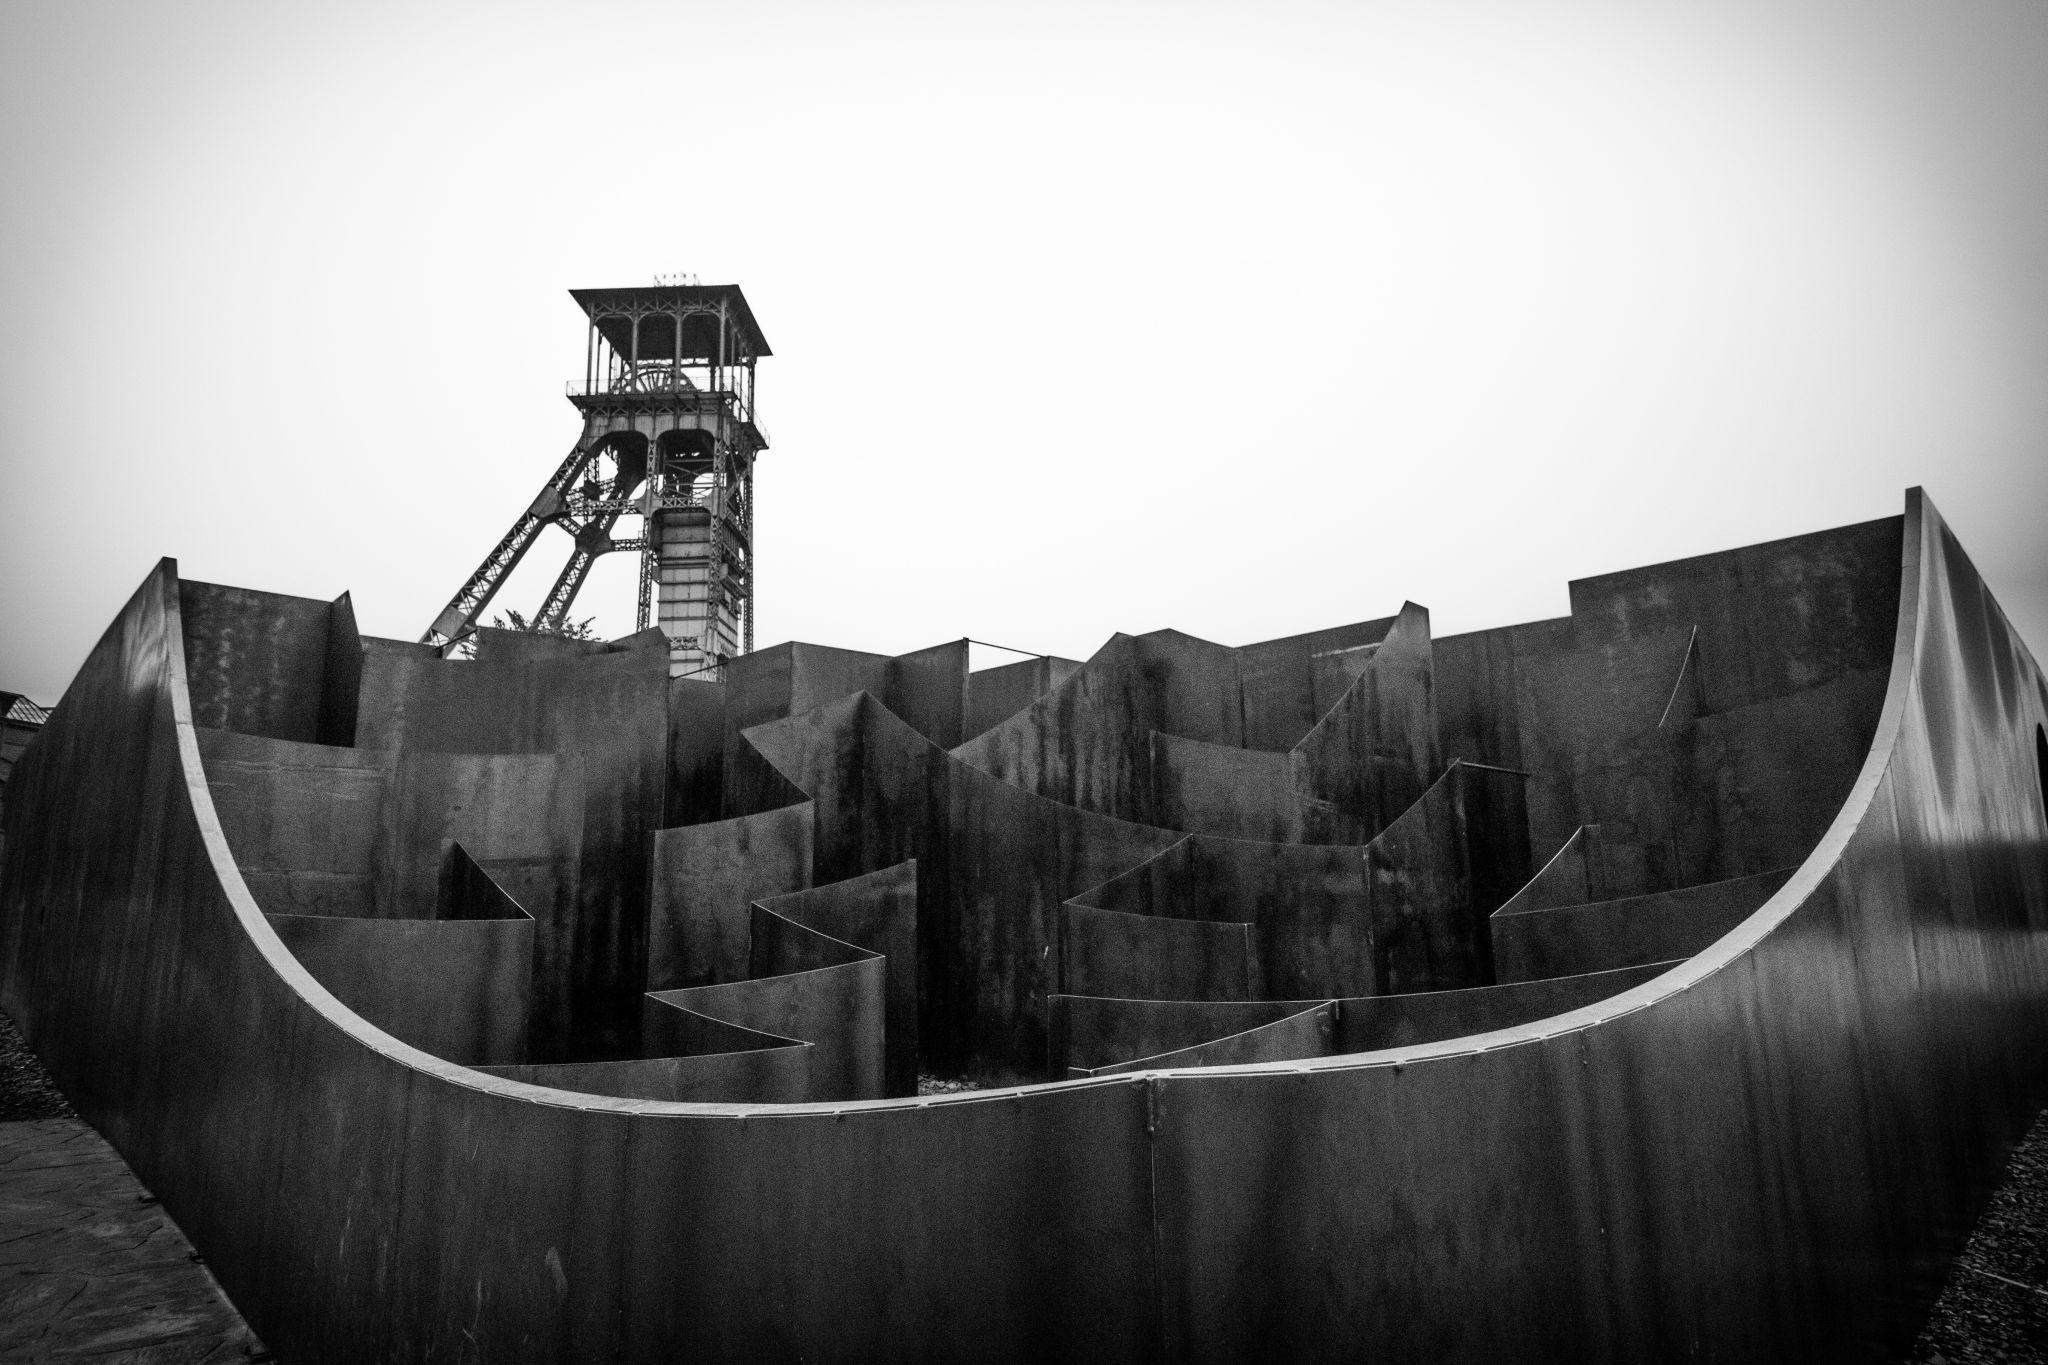 C-Mine, Belgium